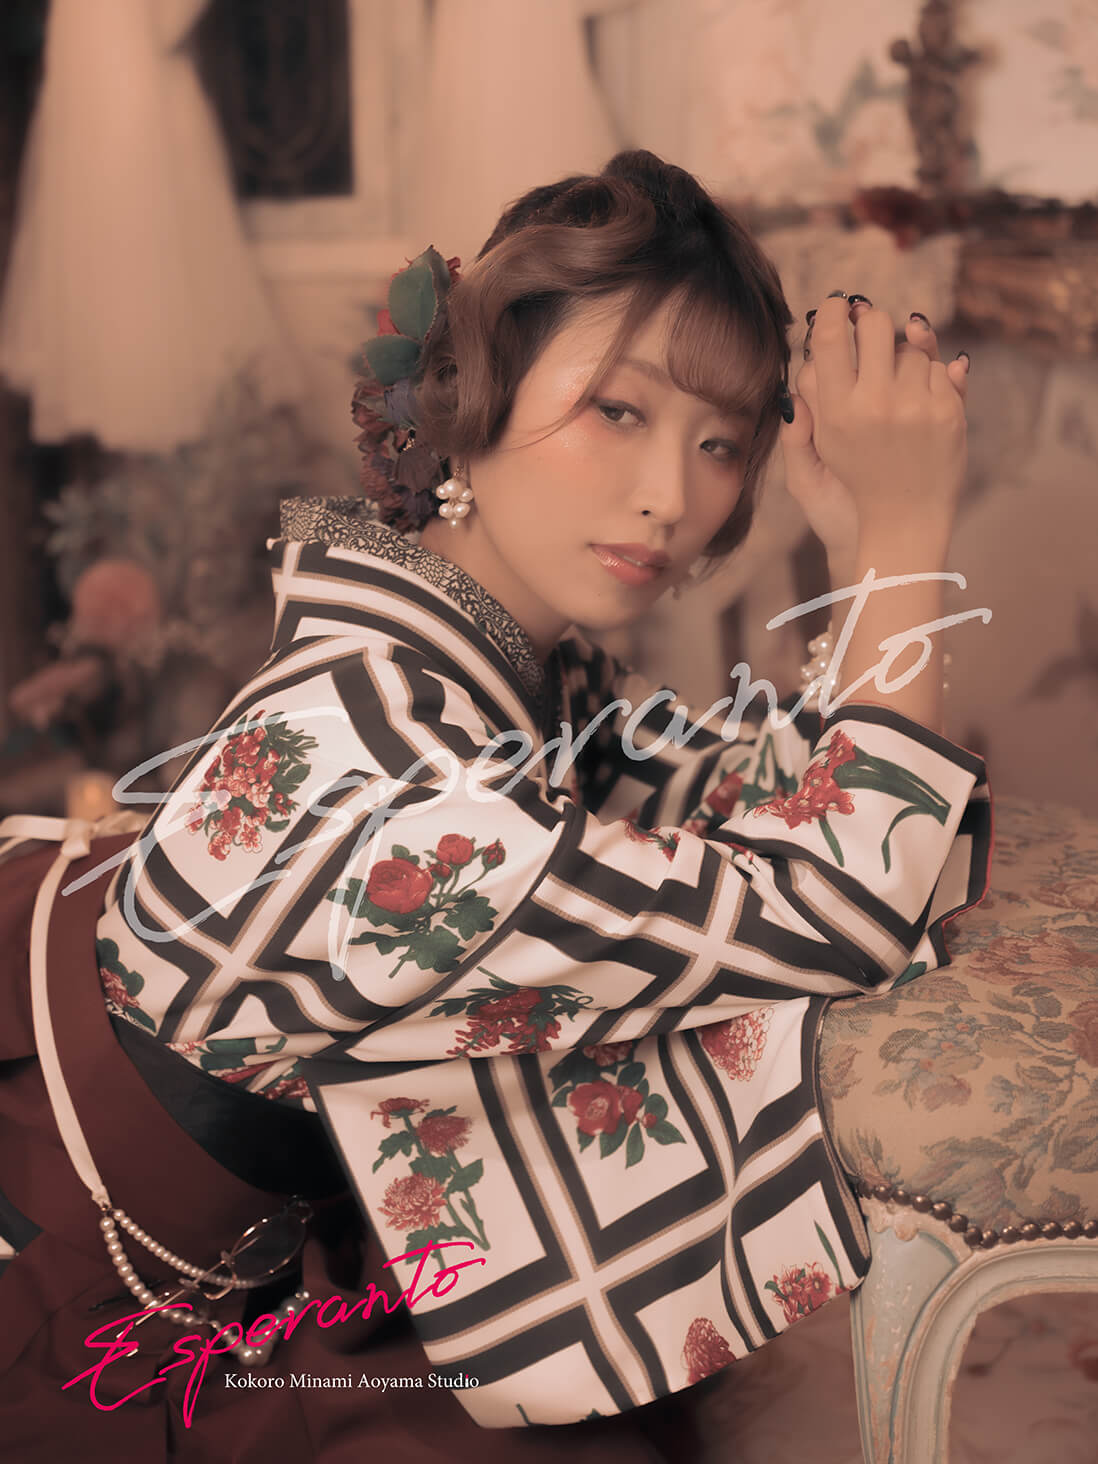 Kimono portrait photo